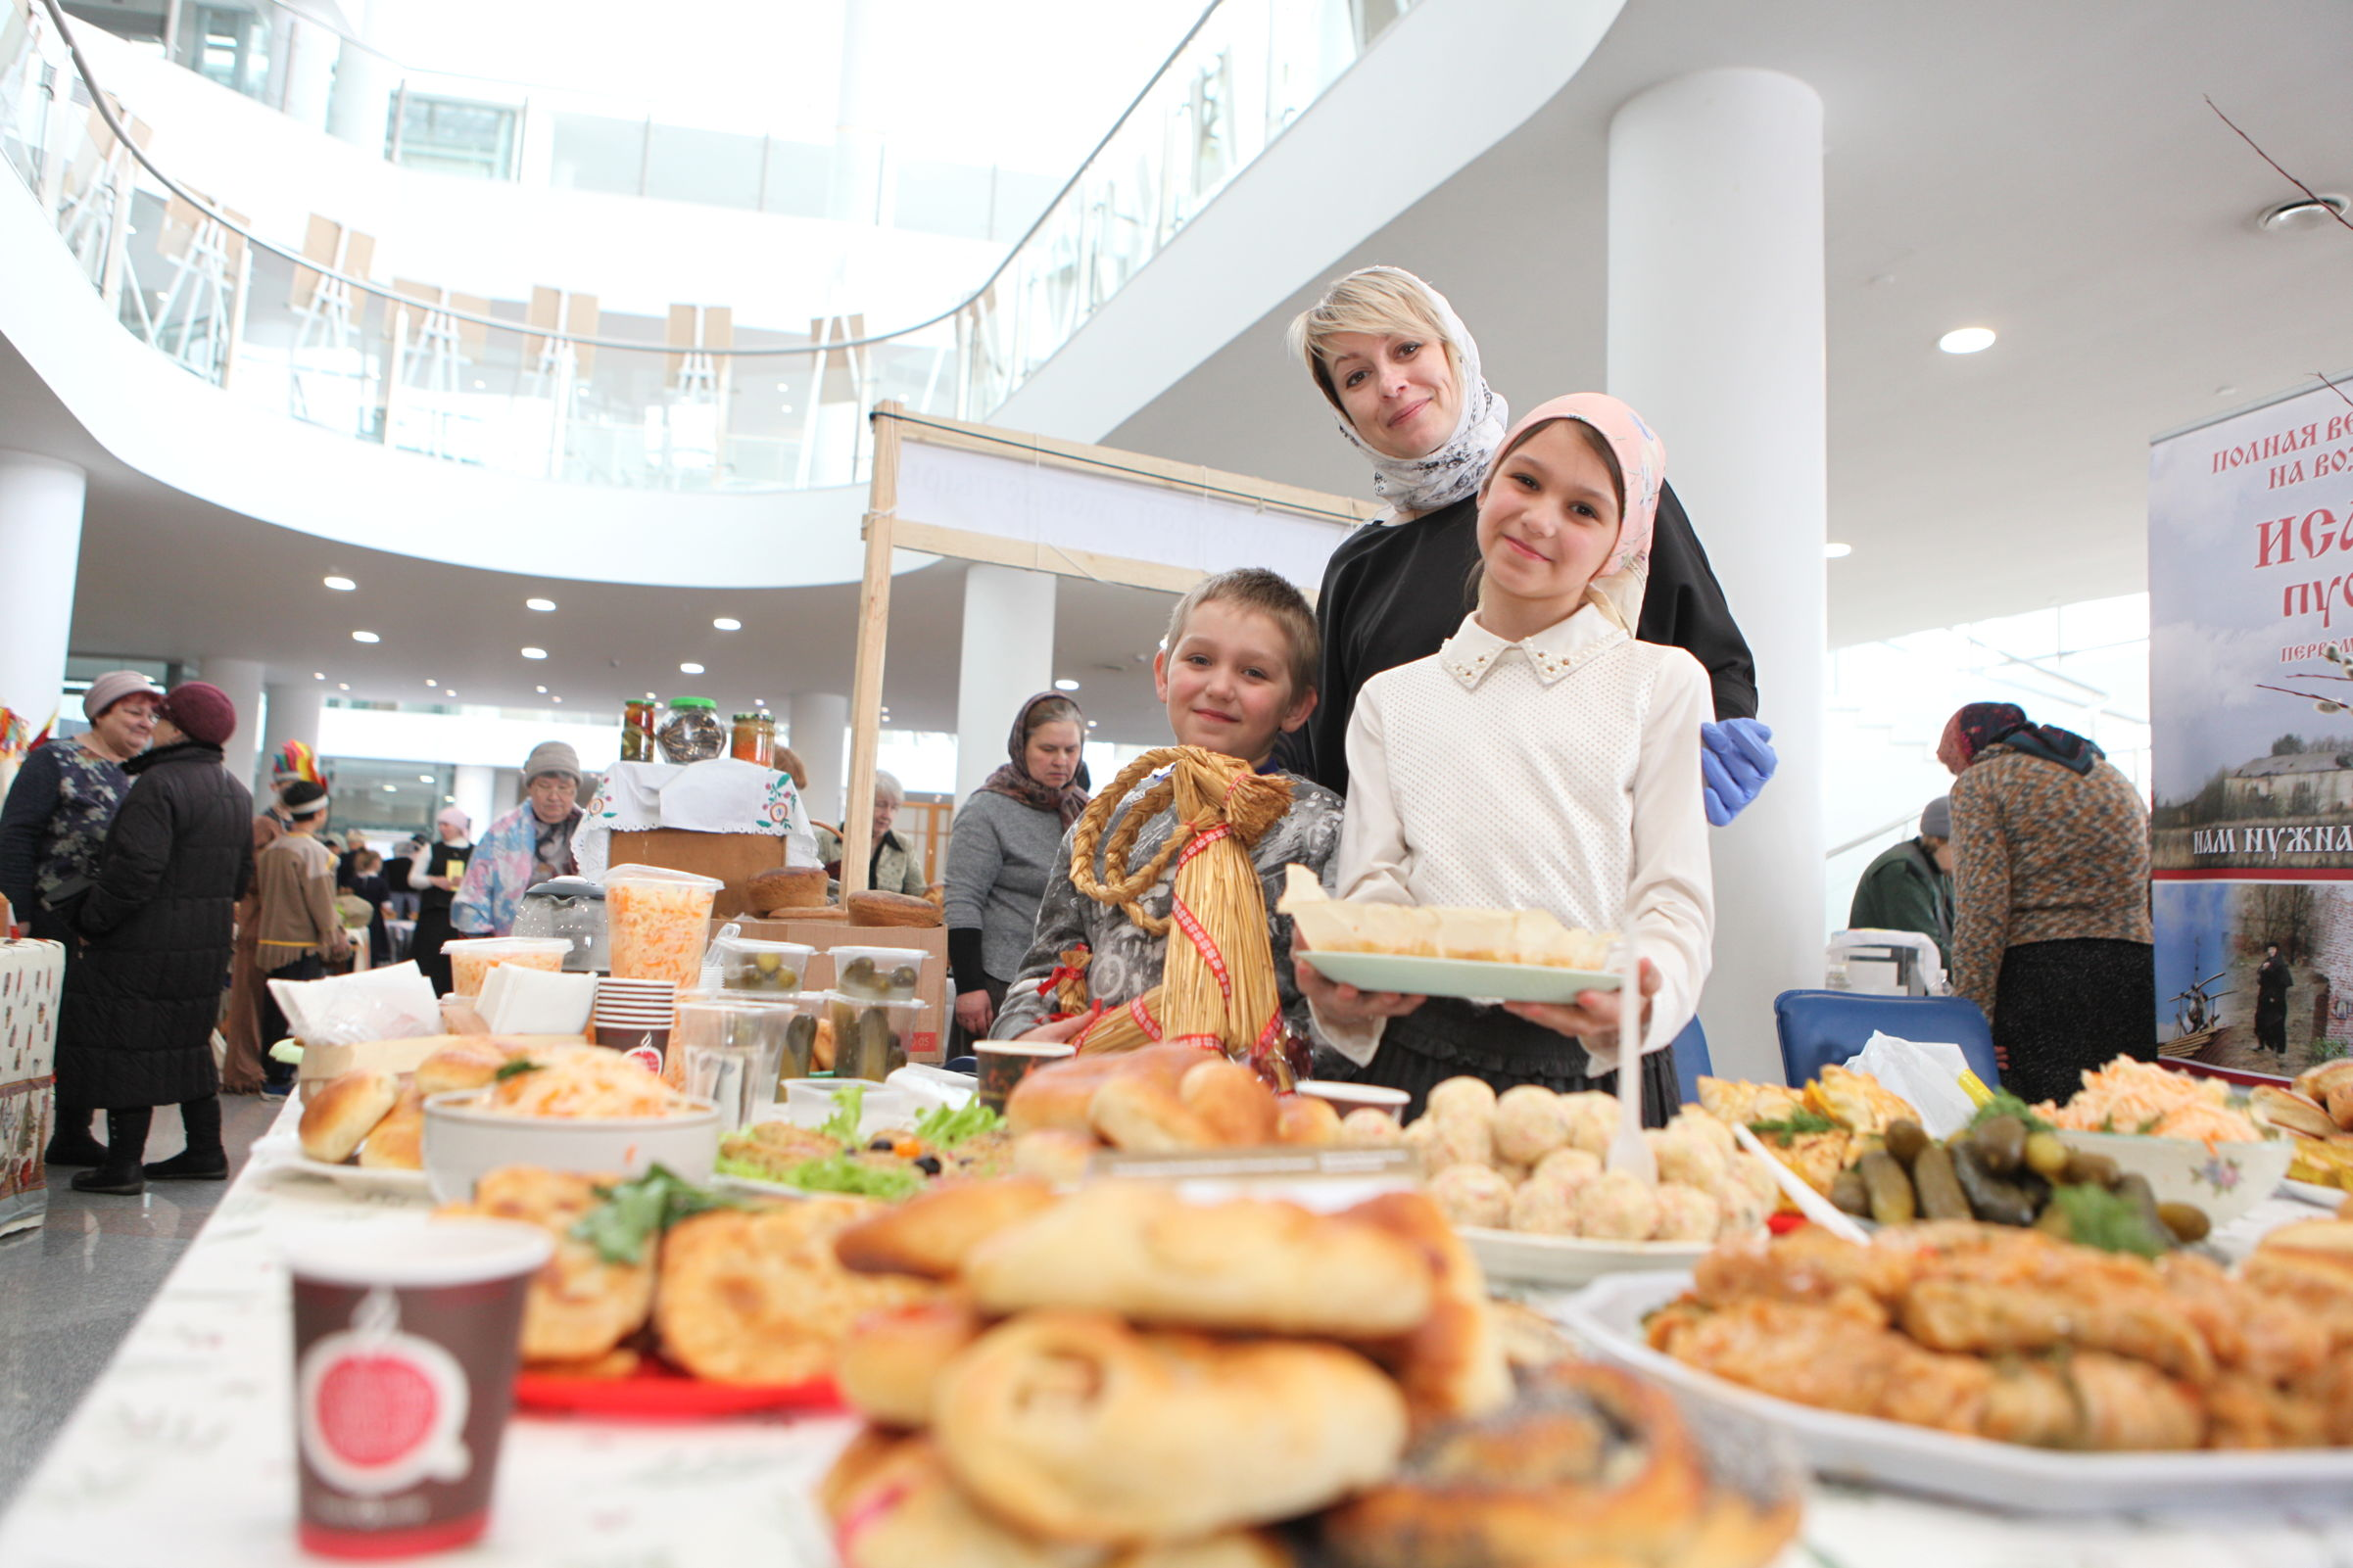 Центральным продуктом областного фестиваля постной кухни стал картофель: фоторепортаж